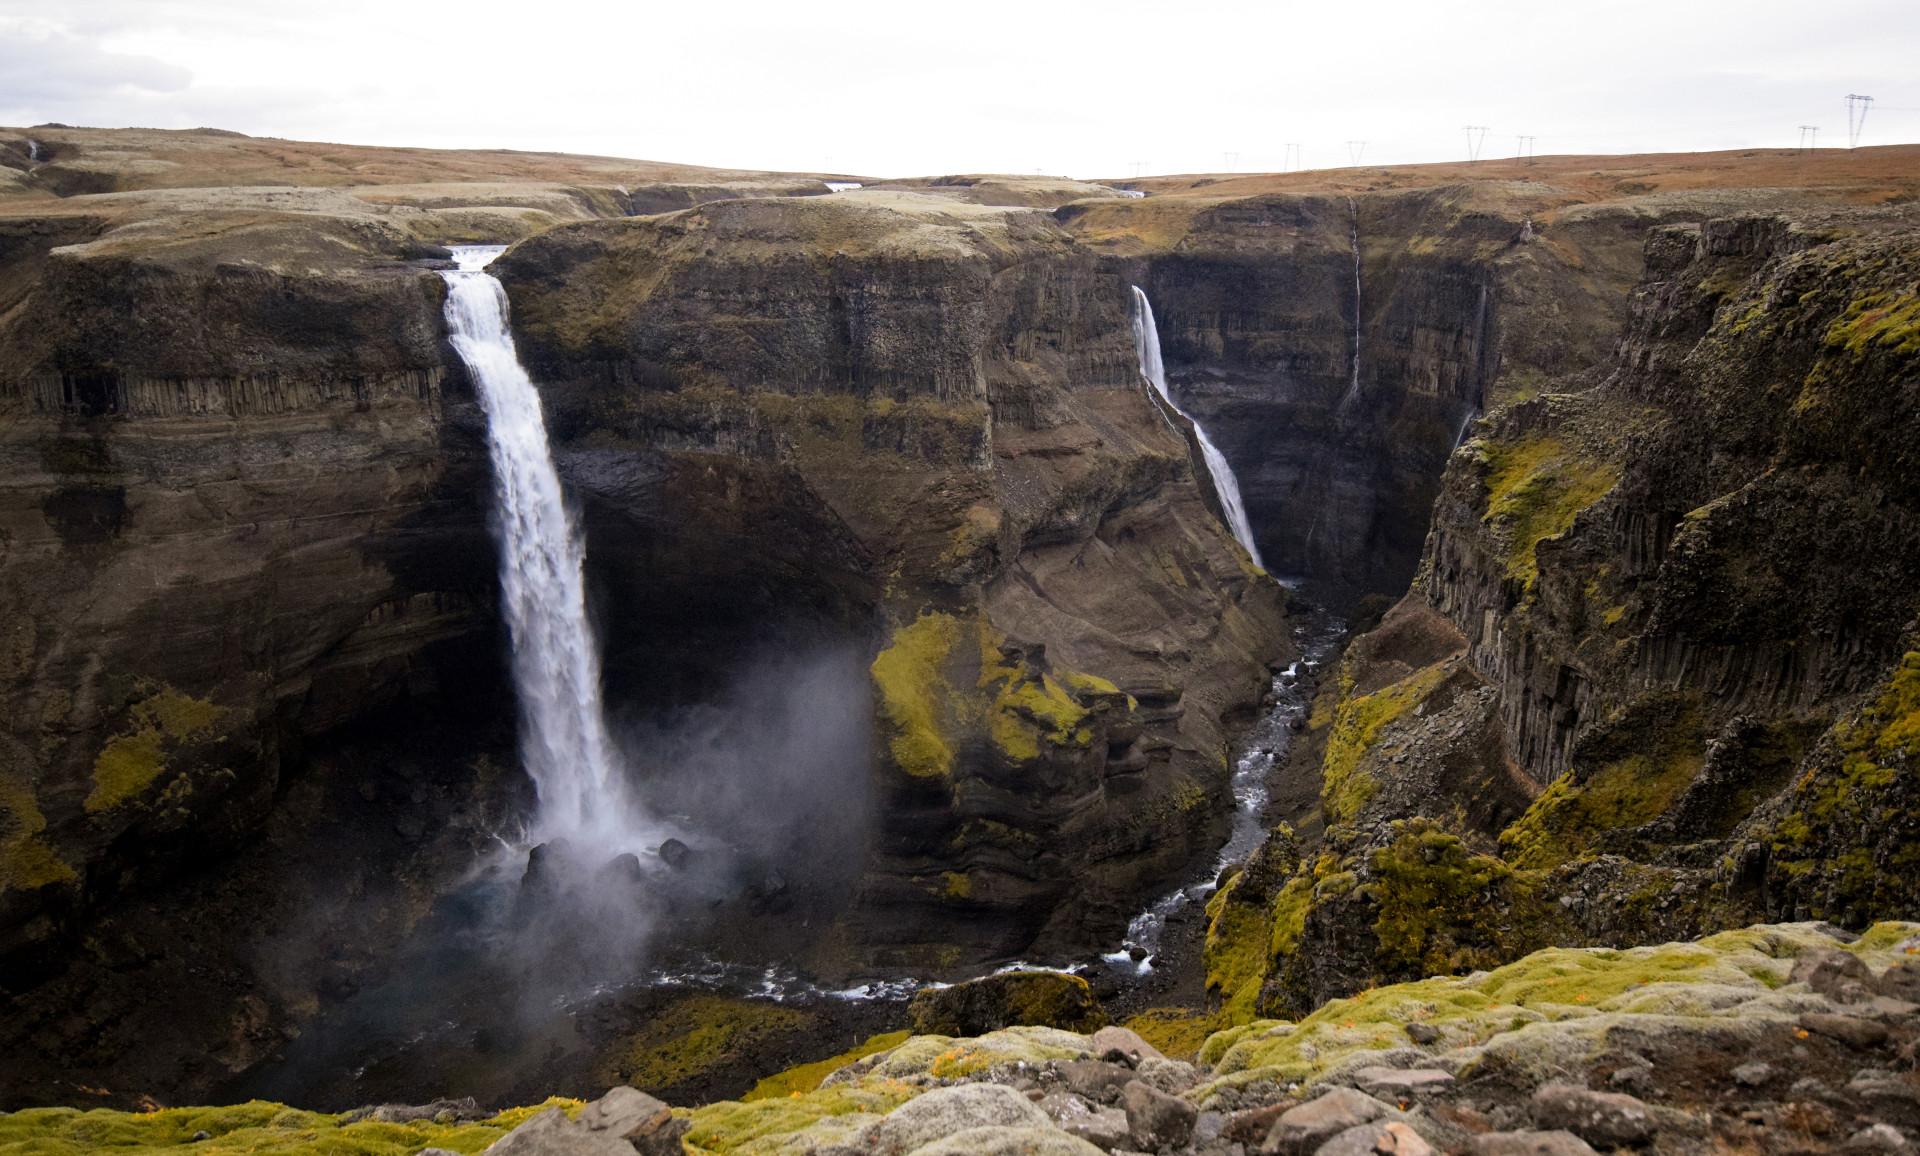 Reisebericht Island: Zu Besuch im Land der Wasserfälle